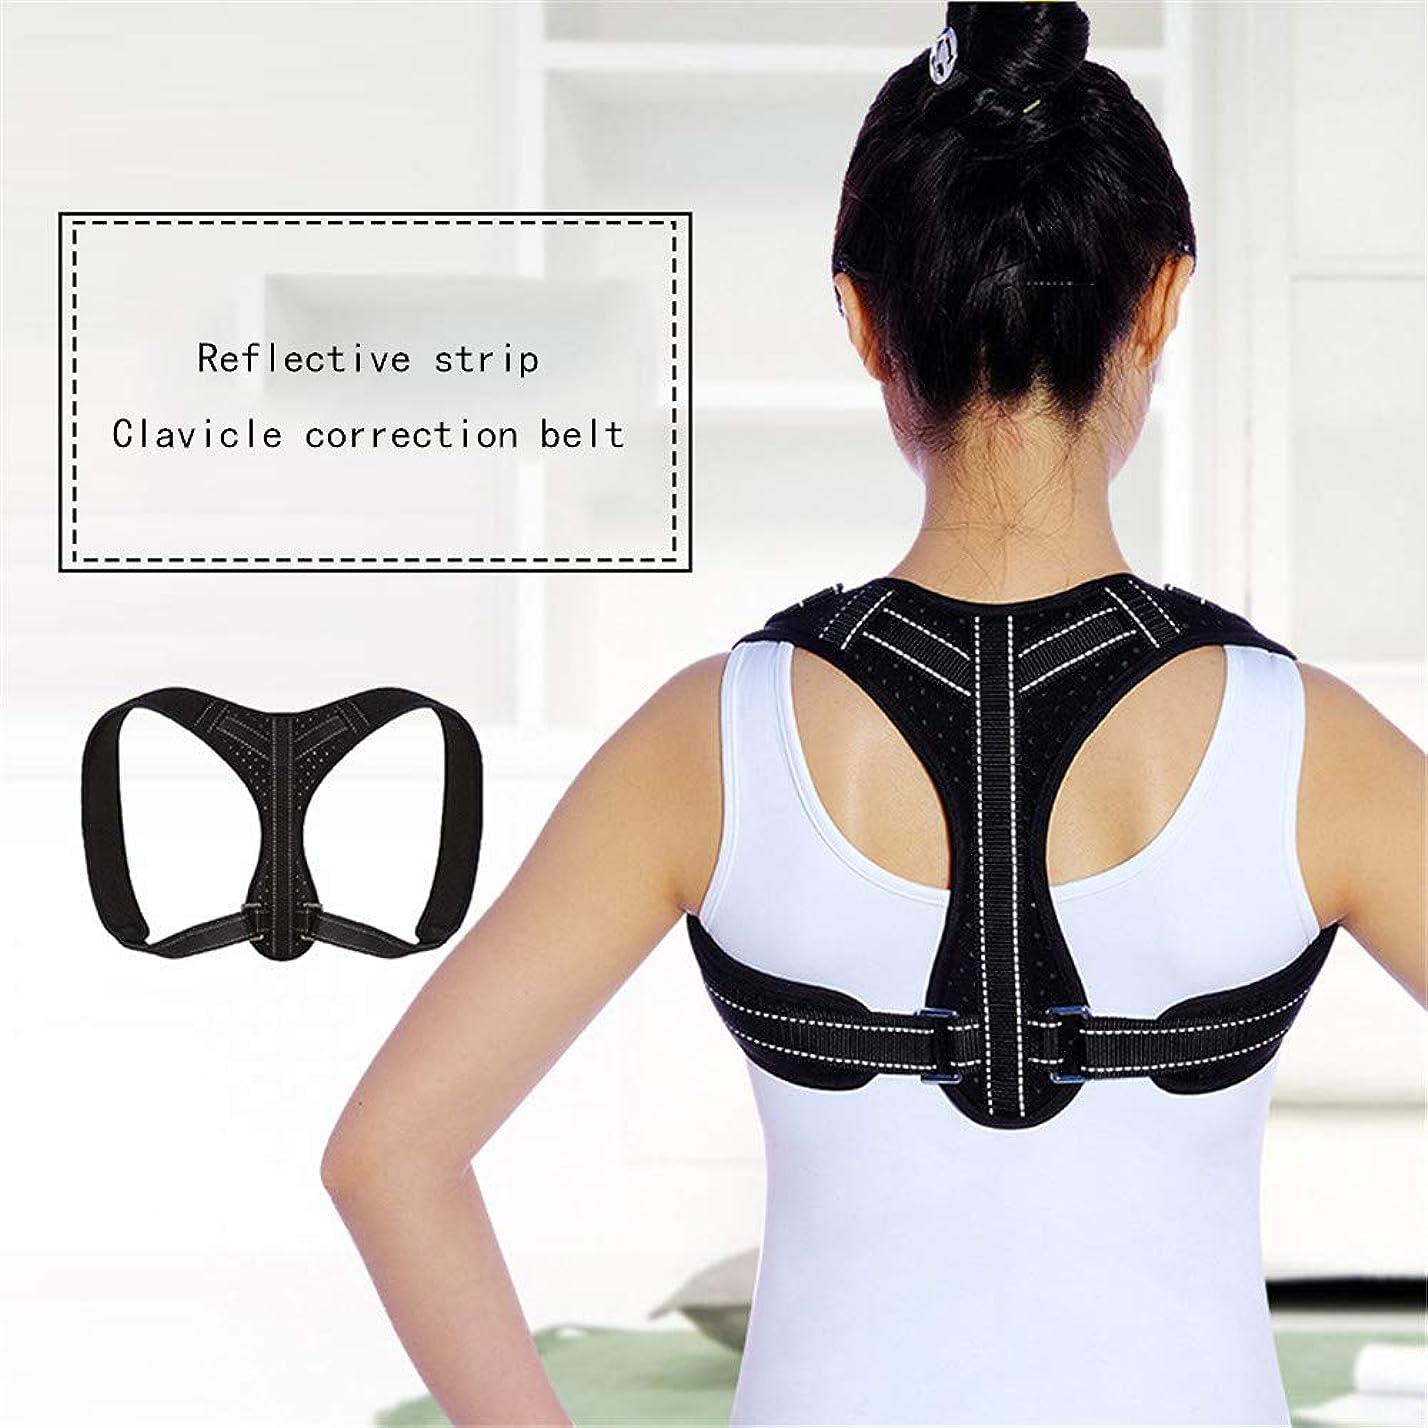 ダイジェスト給料曲げる男性と女性の姿勢ブレース、背中と首の姿勢サポート、肩の痛みを軽減する調節可能な背中の鎖骨のサポート